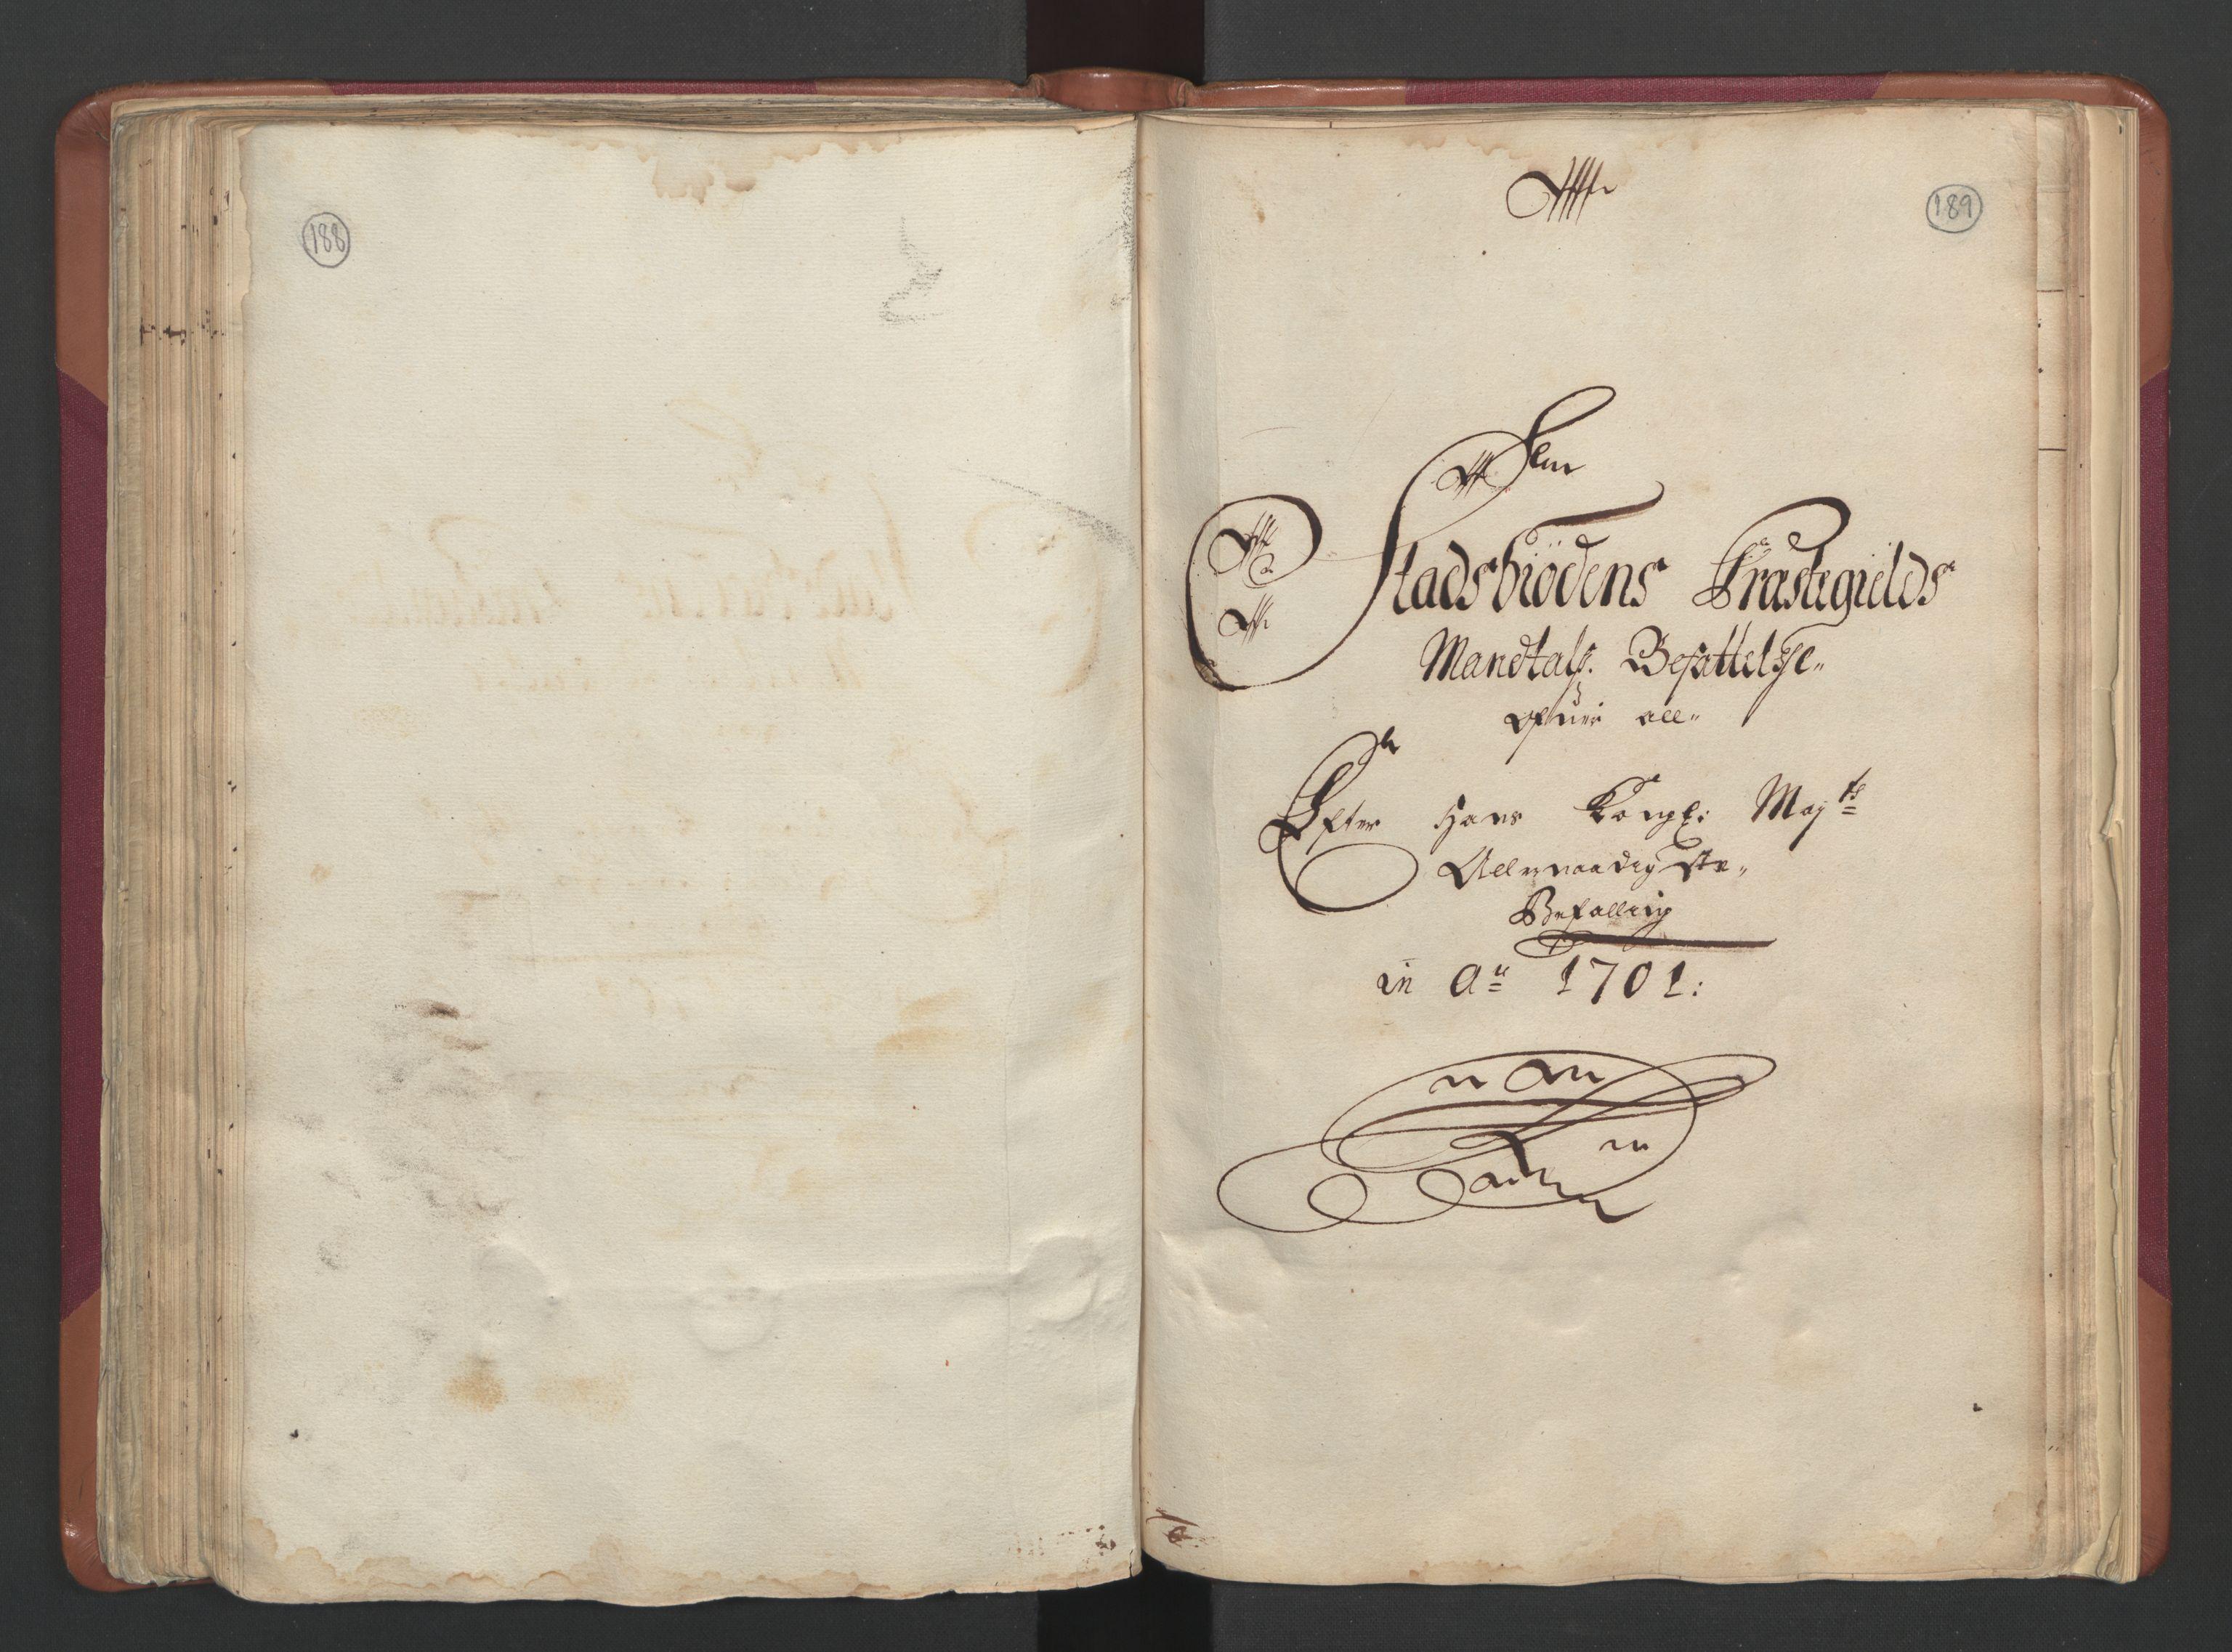 RA, Manntallet 1701, nr. 12: Fosen fogderi, 1701, s. 188-189